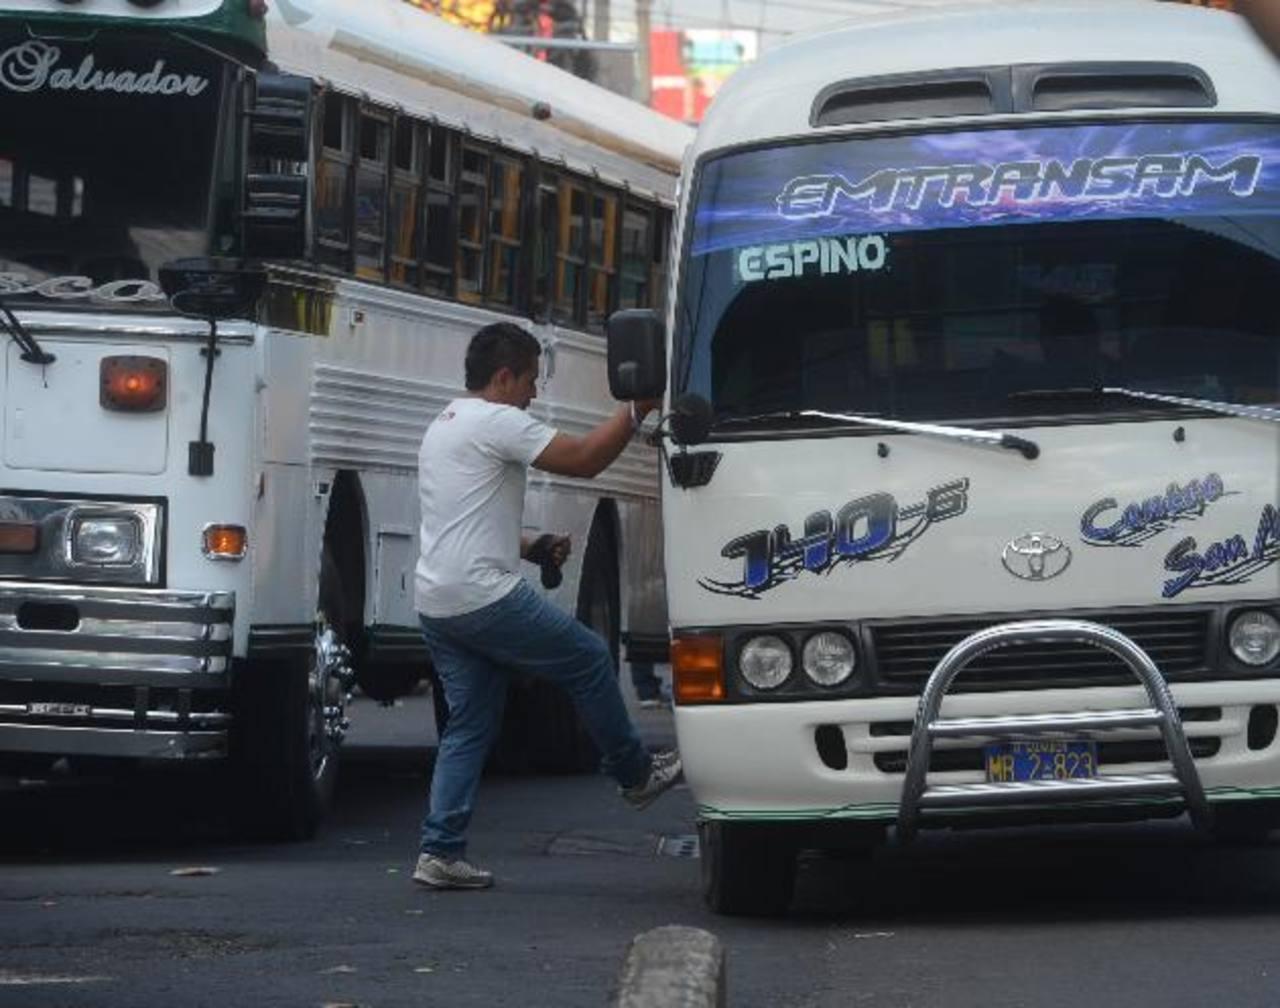 Los usuarios del transporte colectivo se quejan de que las unidades polarizadas son las preferidas por los ladrones para realizar los atracos, ya que pasan desapercibidos desde afuera de los buses y microbuses. fotos edh / Ericka Chavez